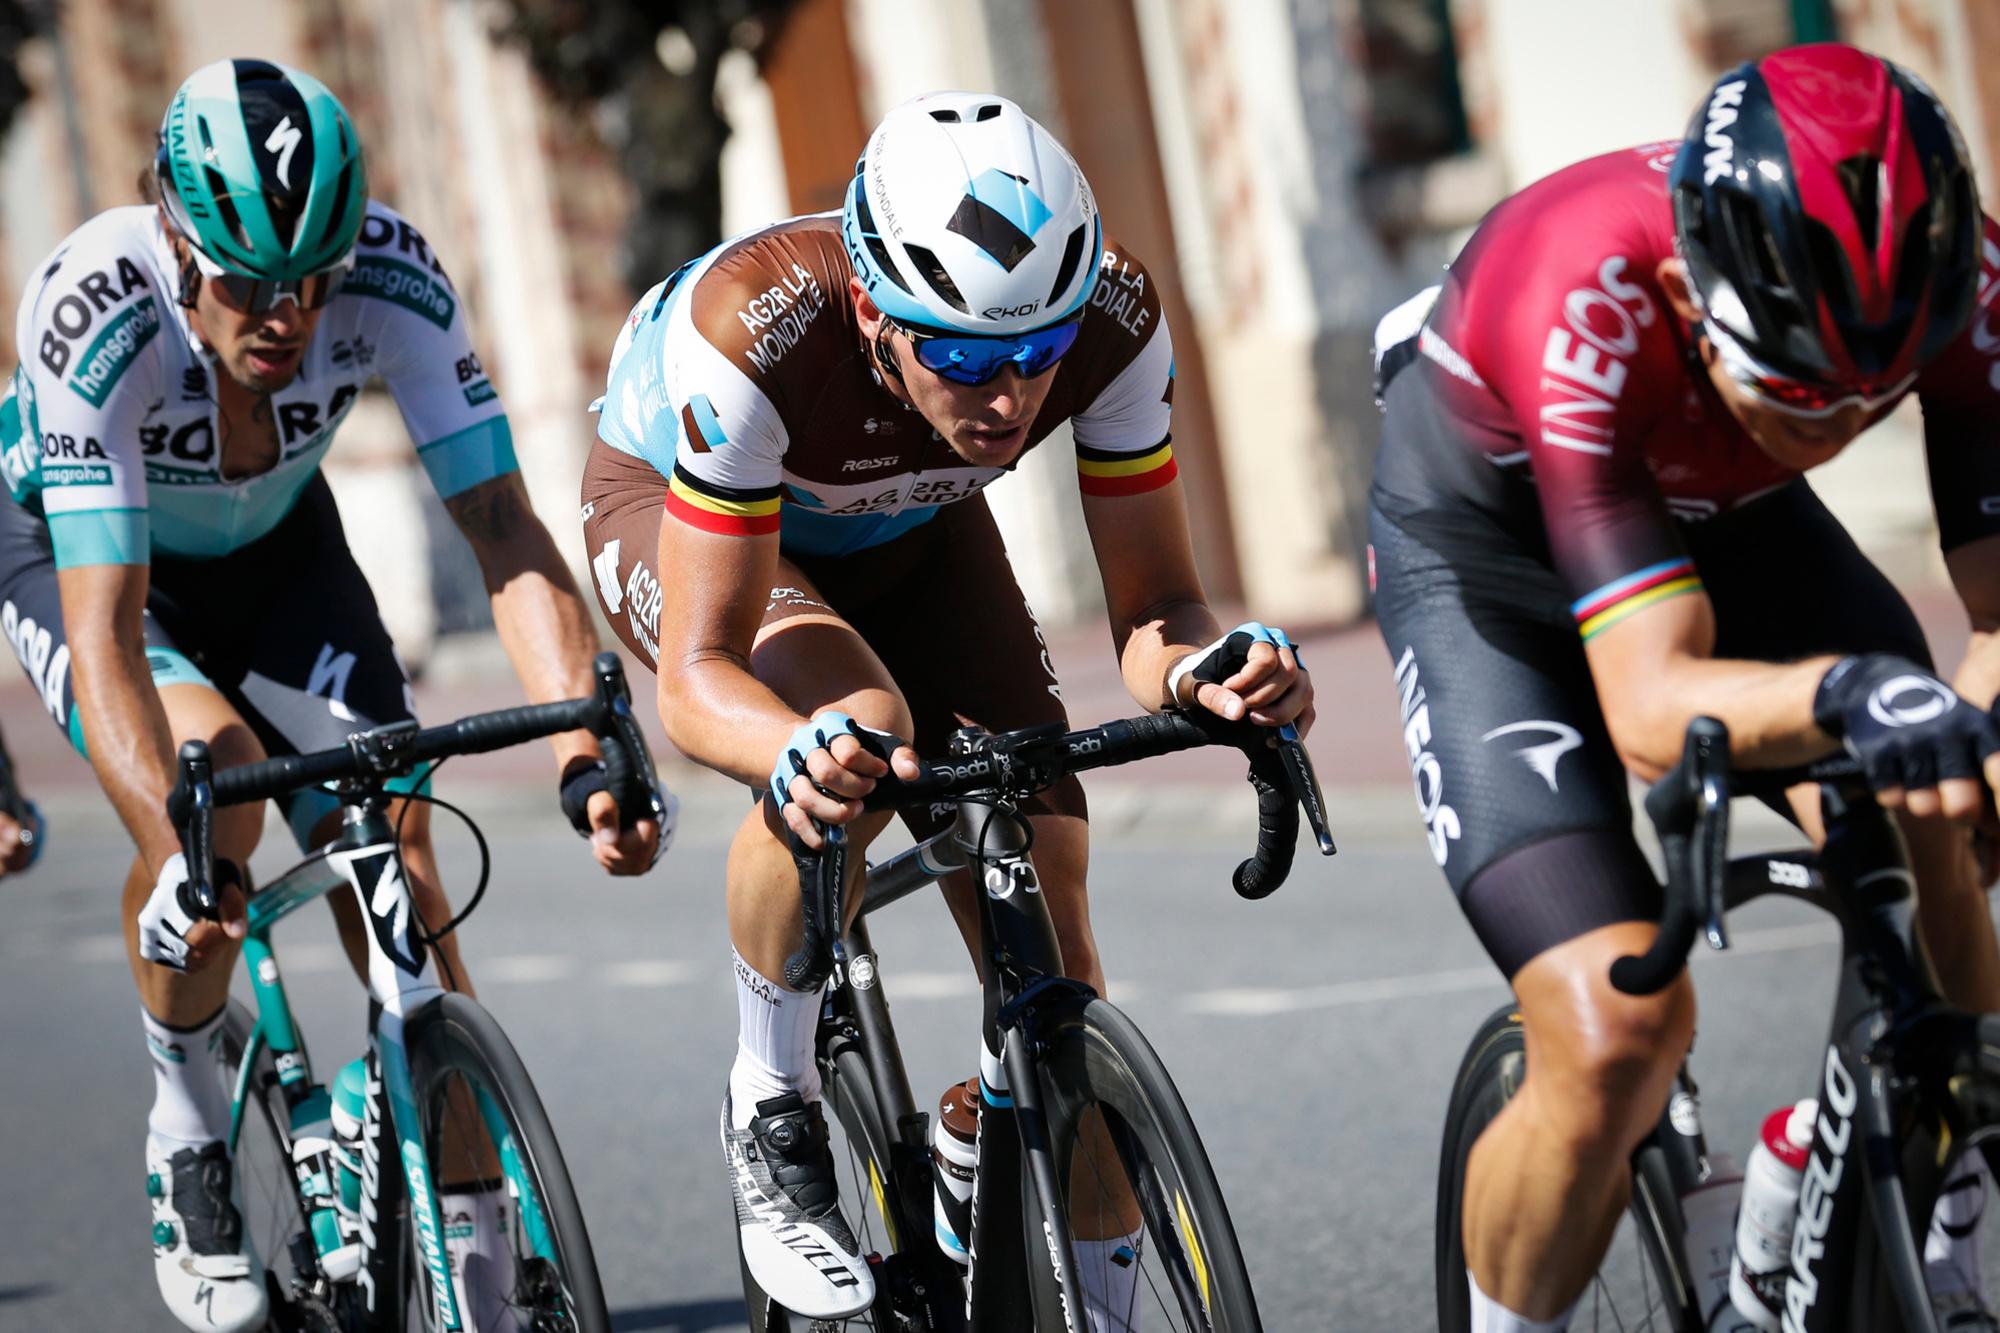 De kansen voor renners zoals Naesen, Van Avermaet en Stuyven lijken grotendeels achter de rug., belgaimage